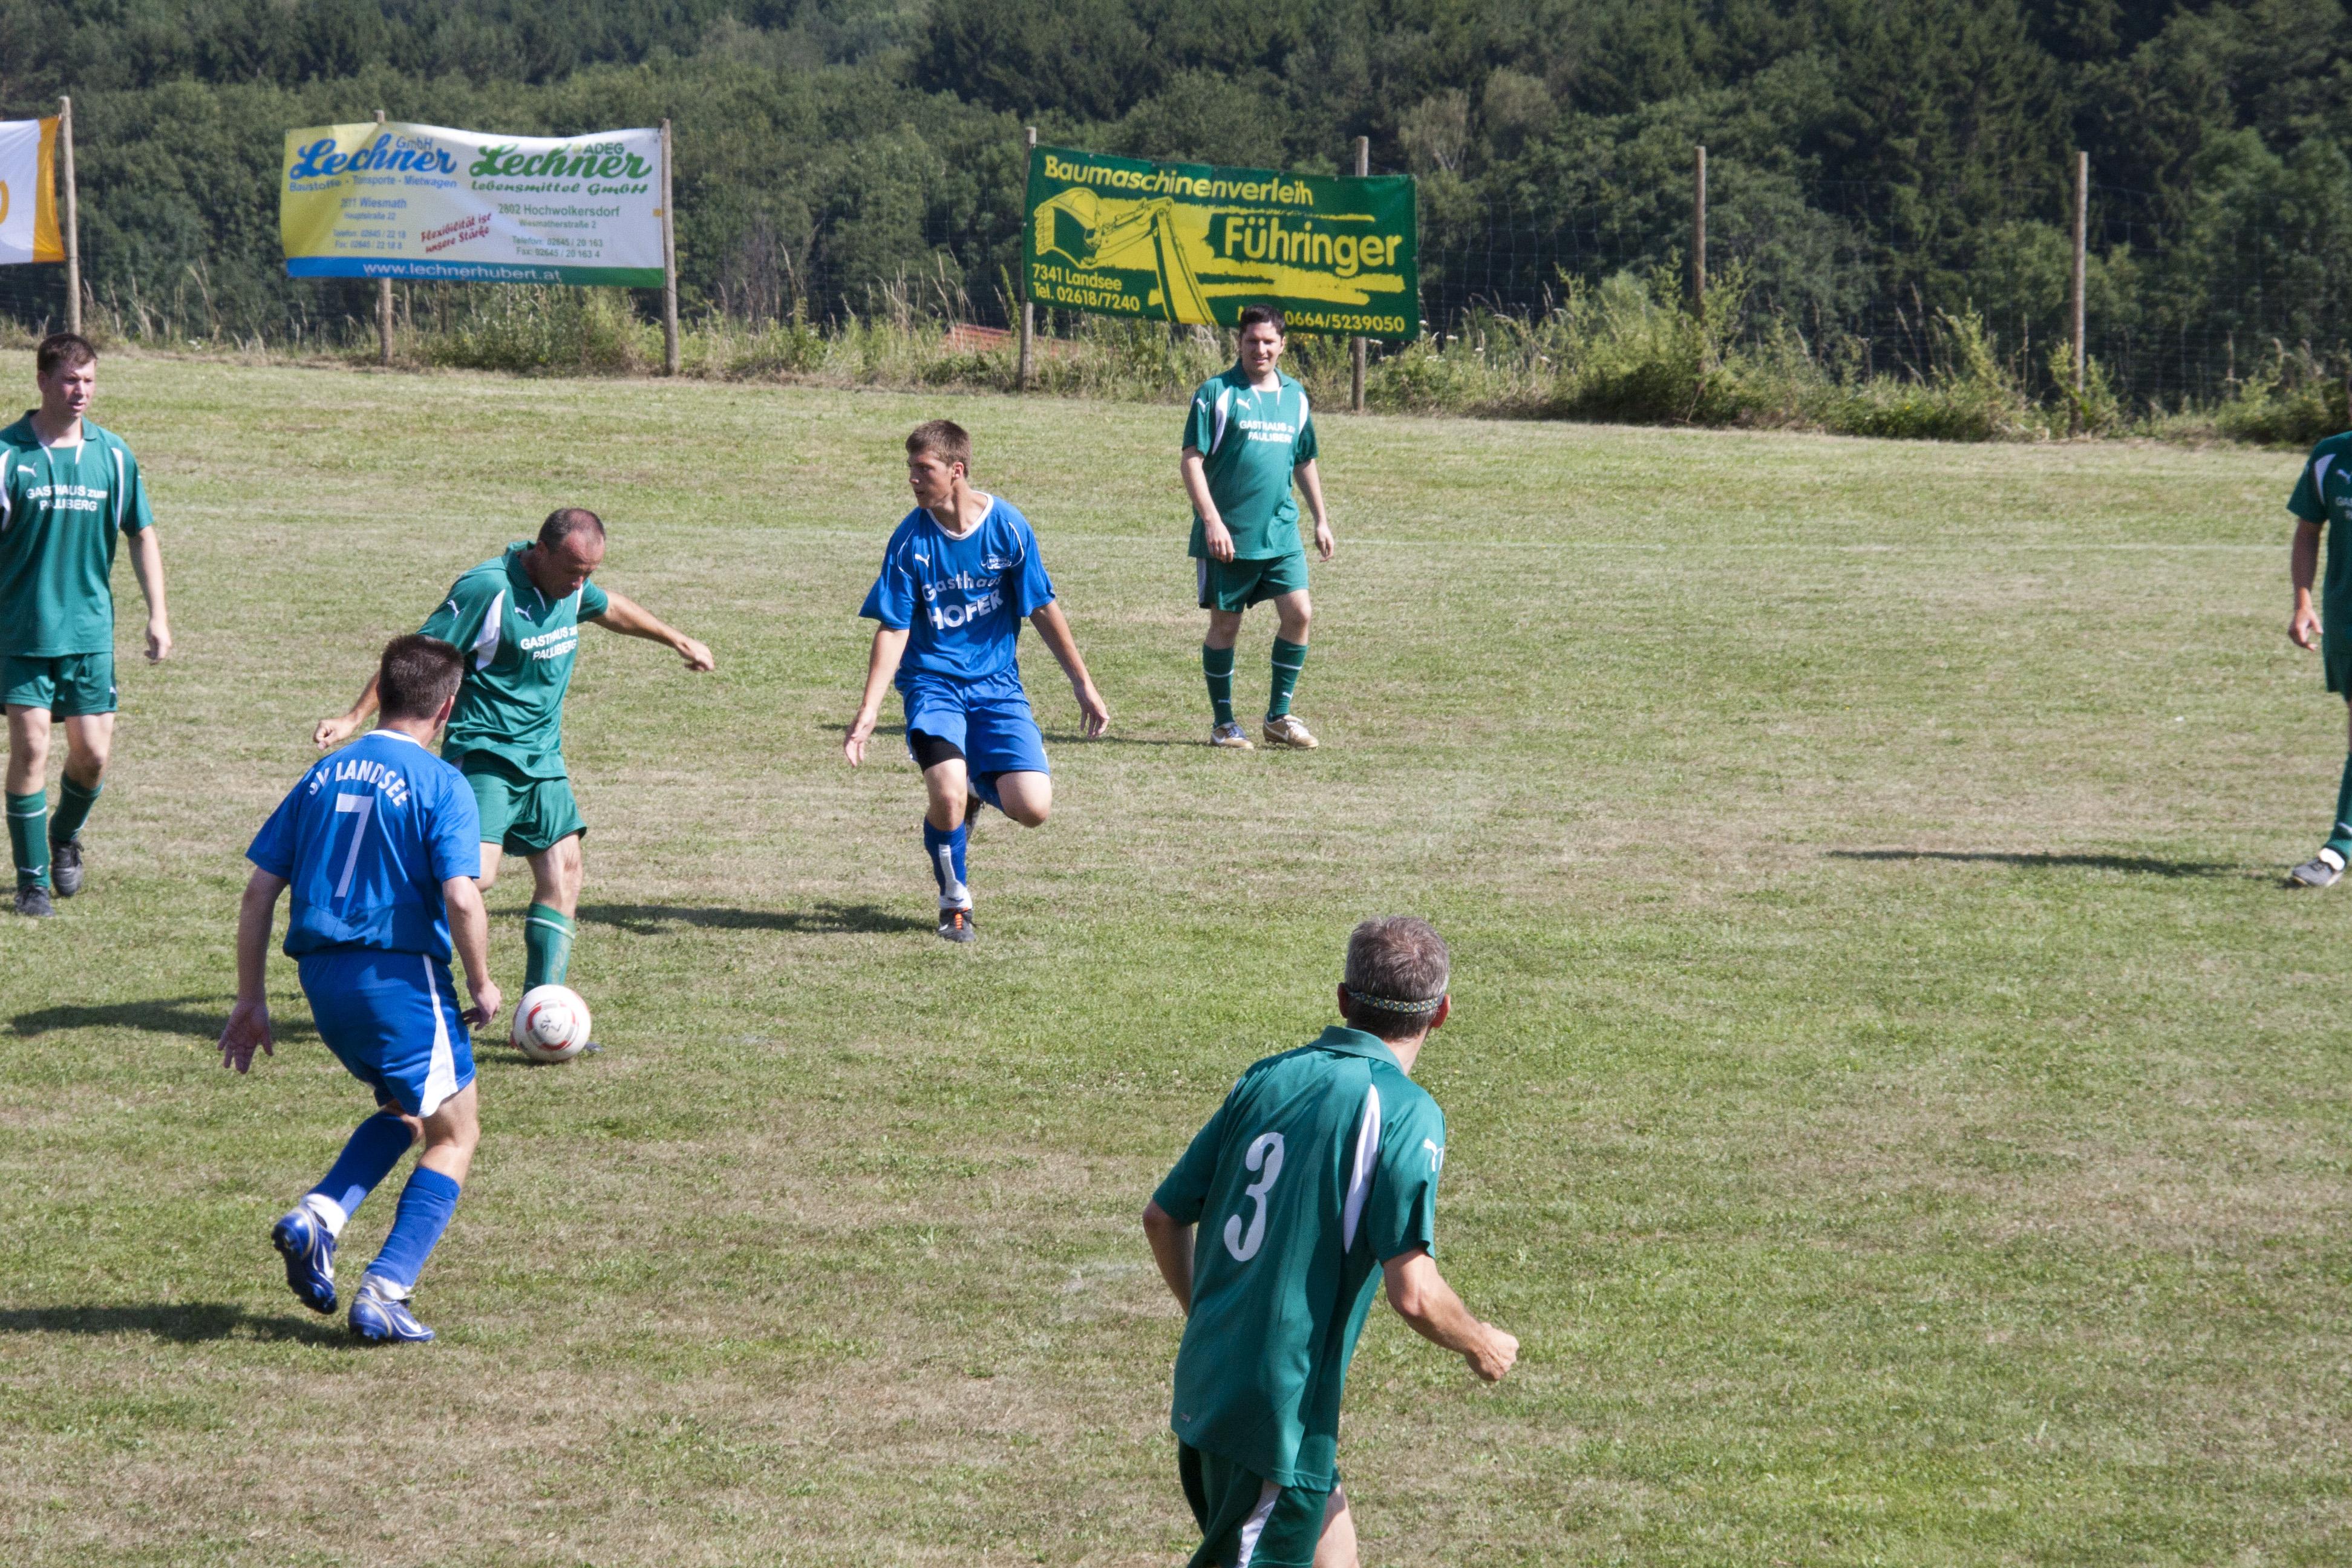 2012-07-07-sportfest-landsee-070